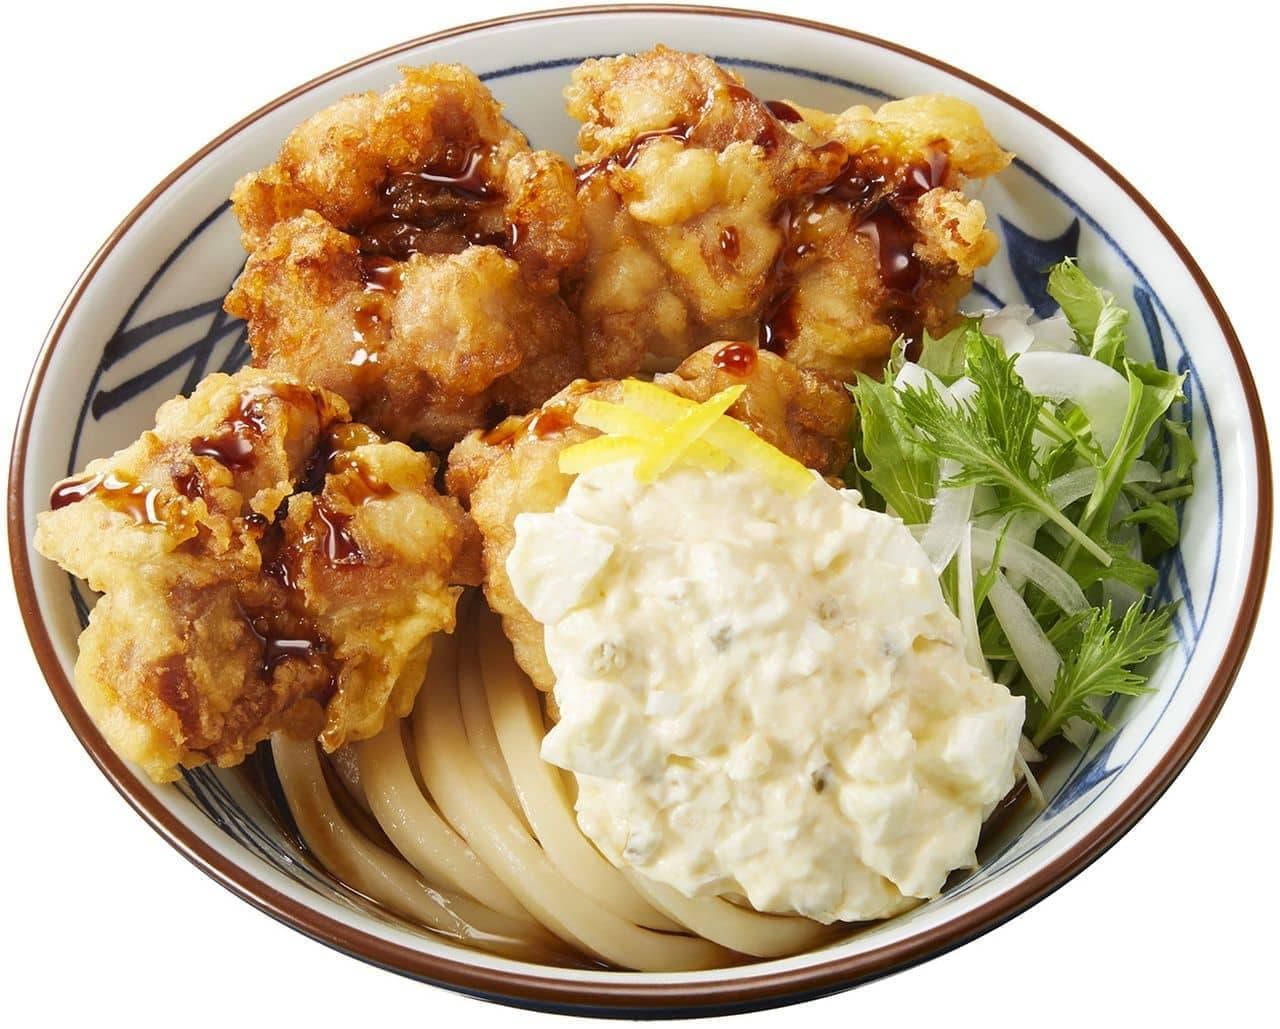 丸亀製麺「タル鶏天ぶっかけうどん」